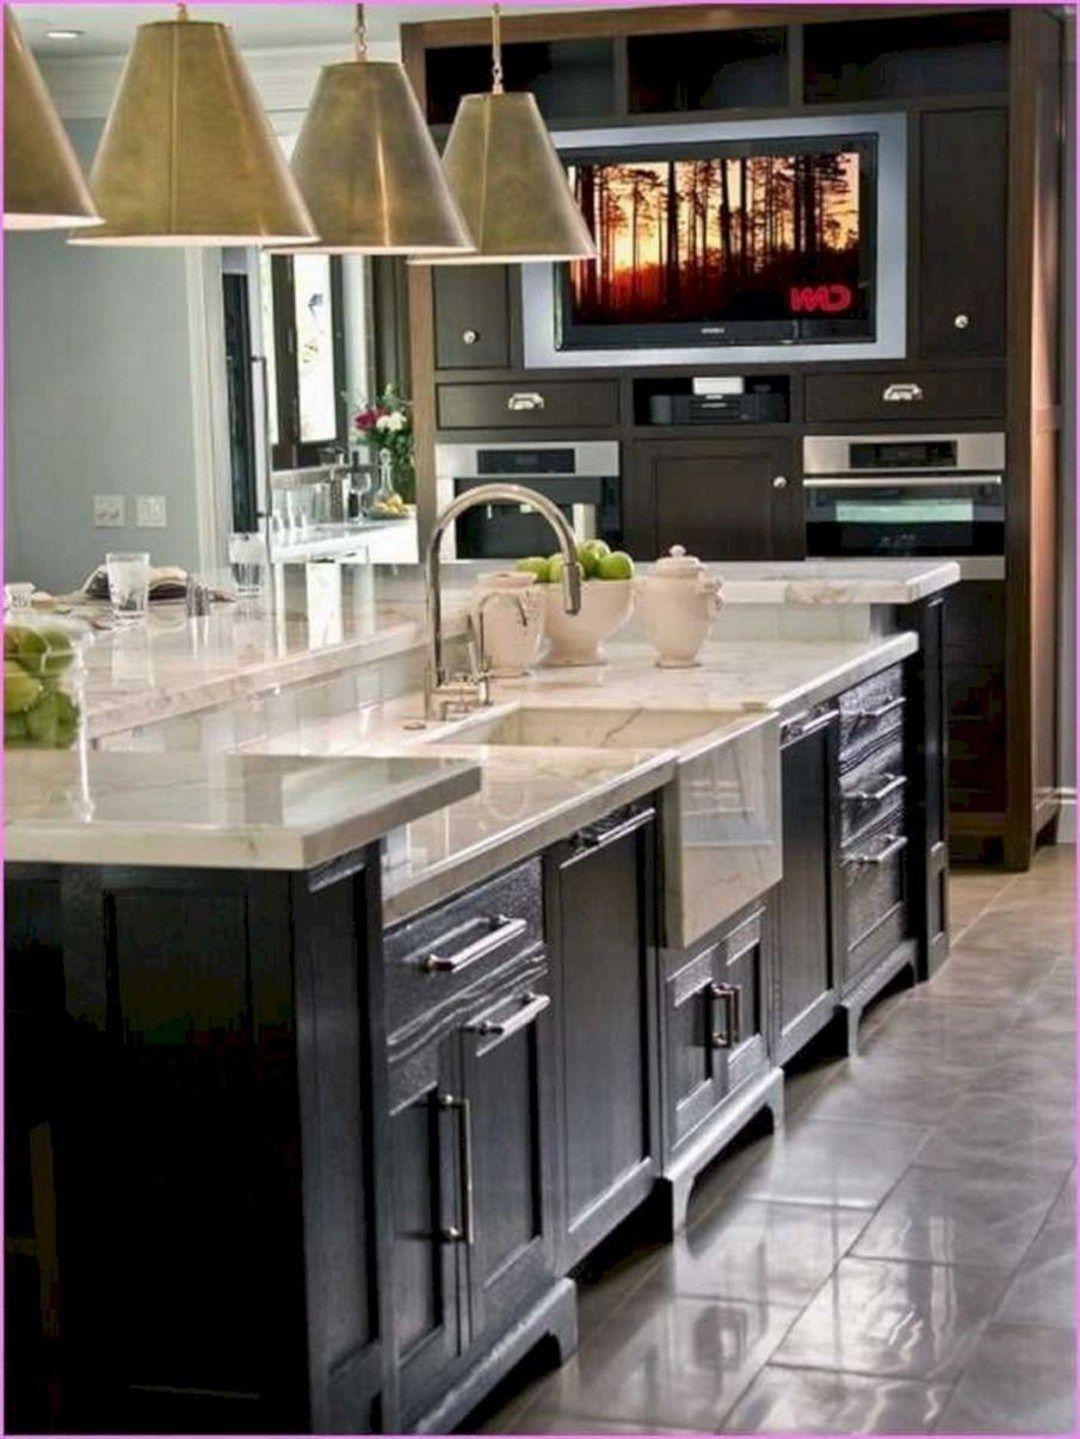 52 Farmhouse Sink Pros Cons Kitchen Layout Kitchen Island With Sink Kitchen Island Storage